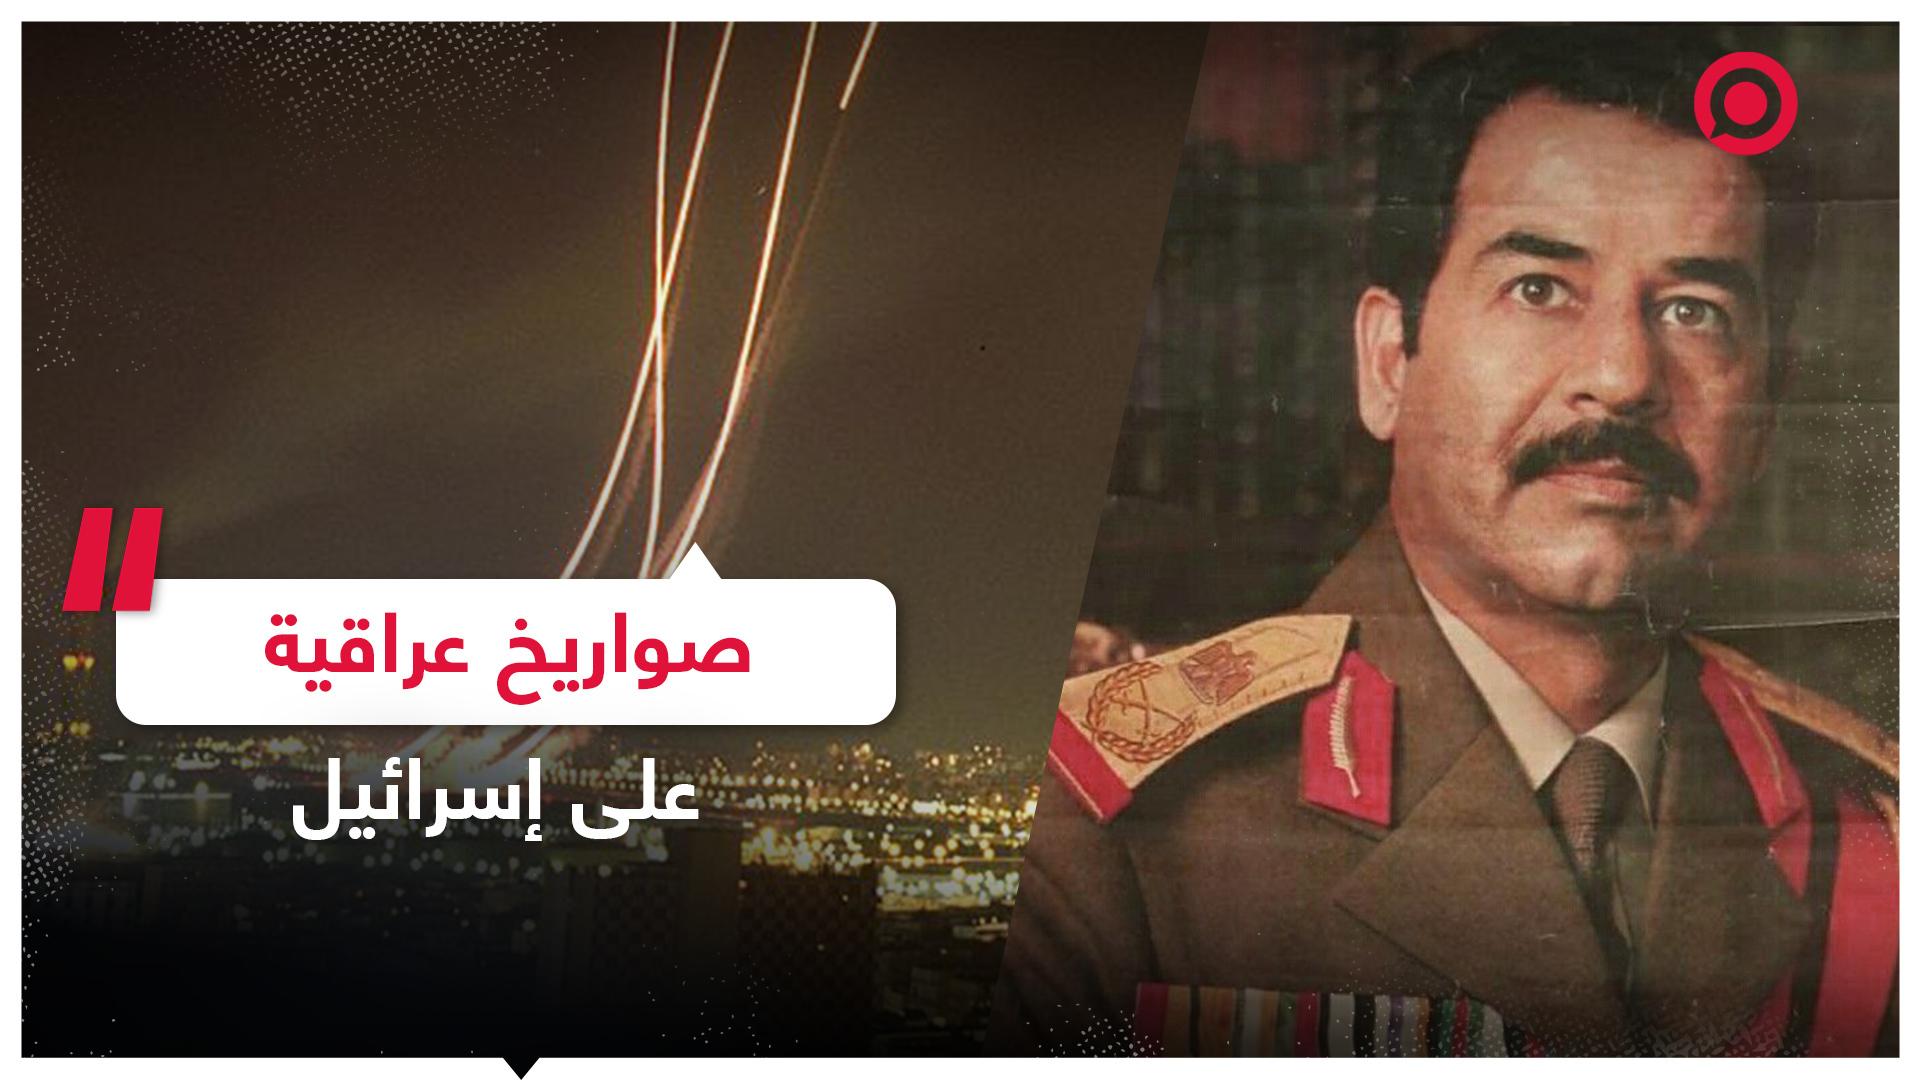 العراق - صدام حسين - تل أبيب - إسرائيل